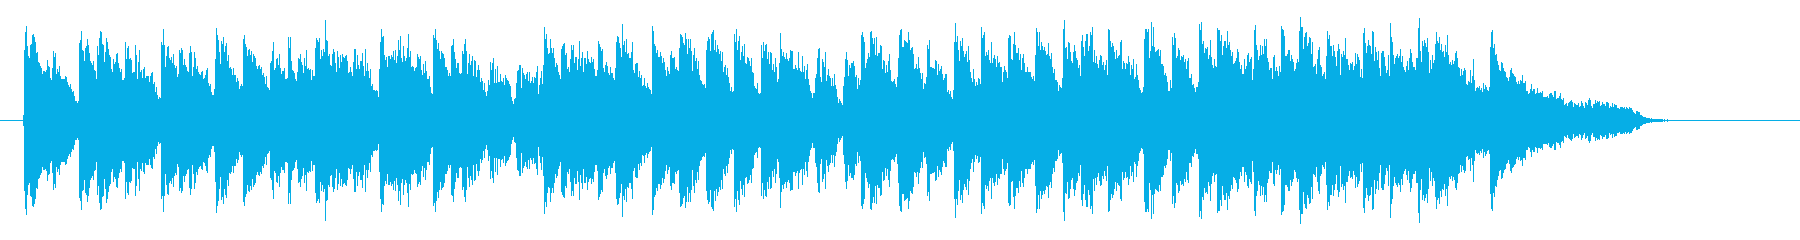 可憐で明るいピアノジングルの再生済みの波形